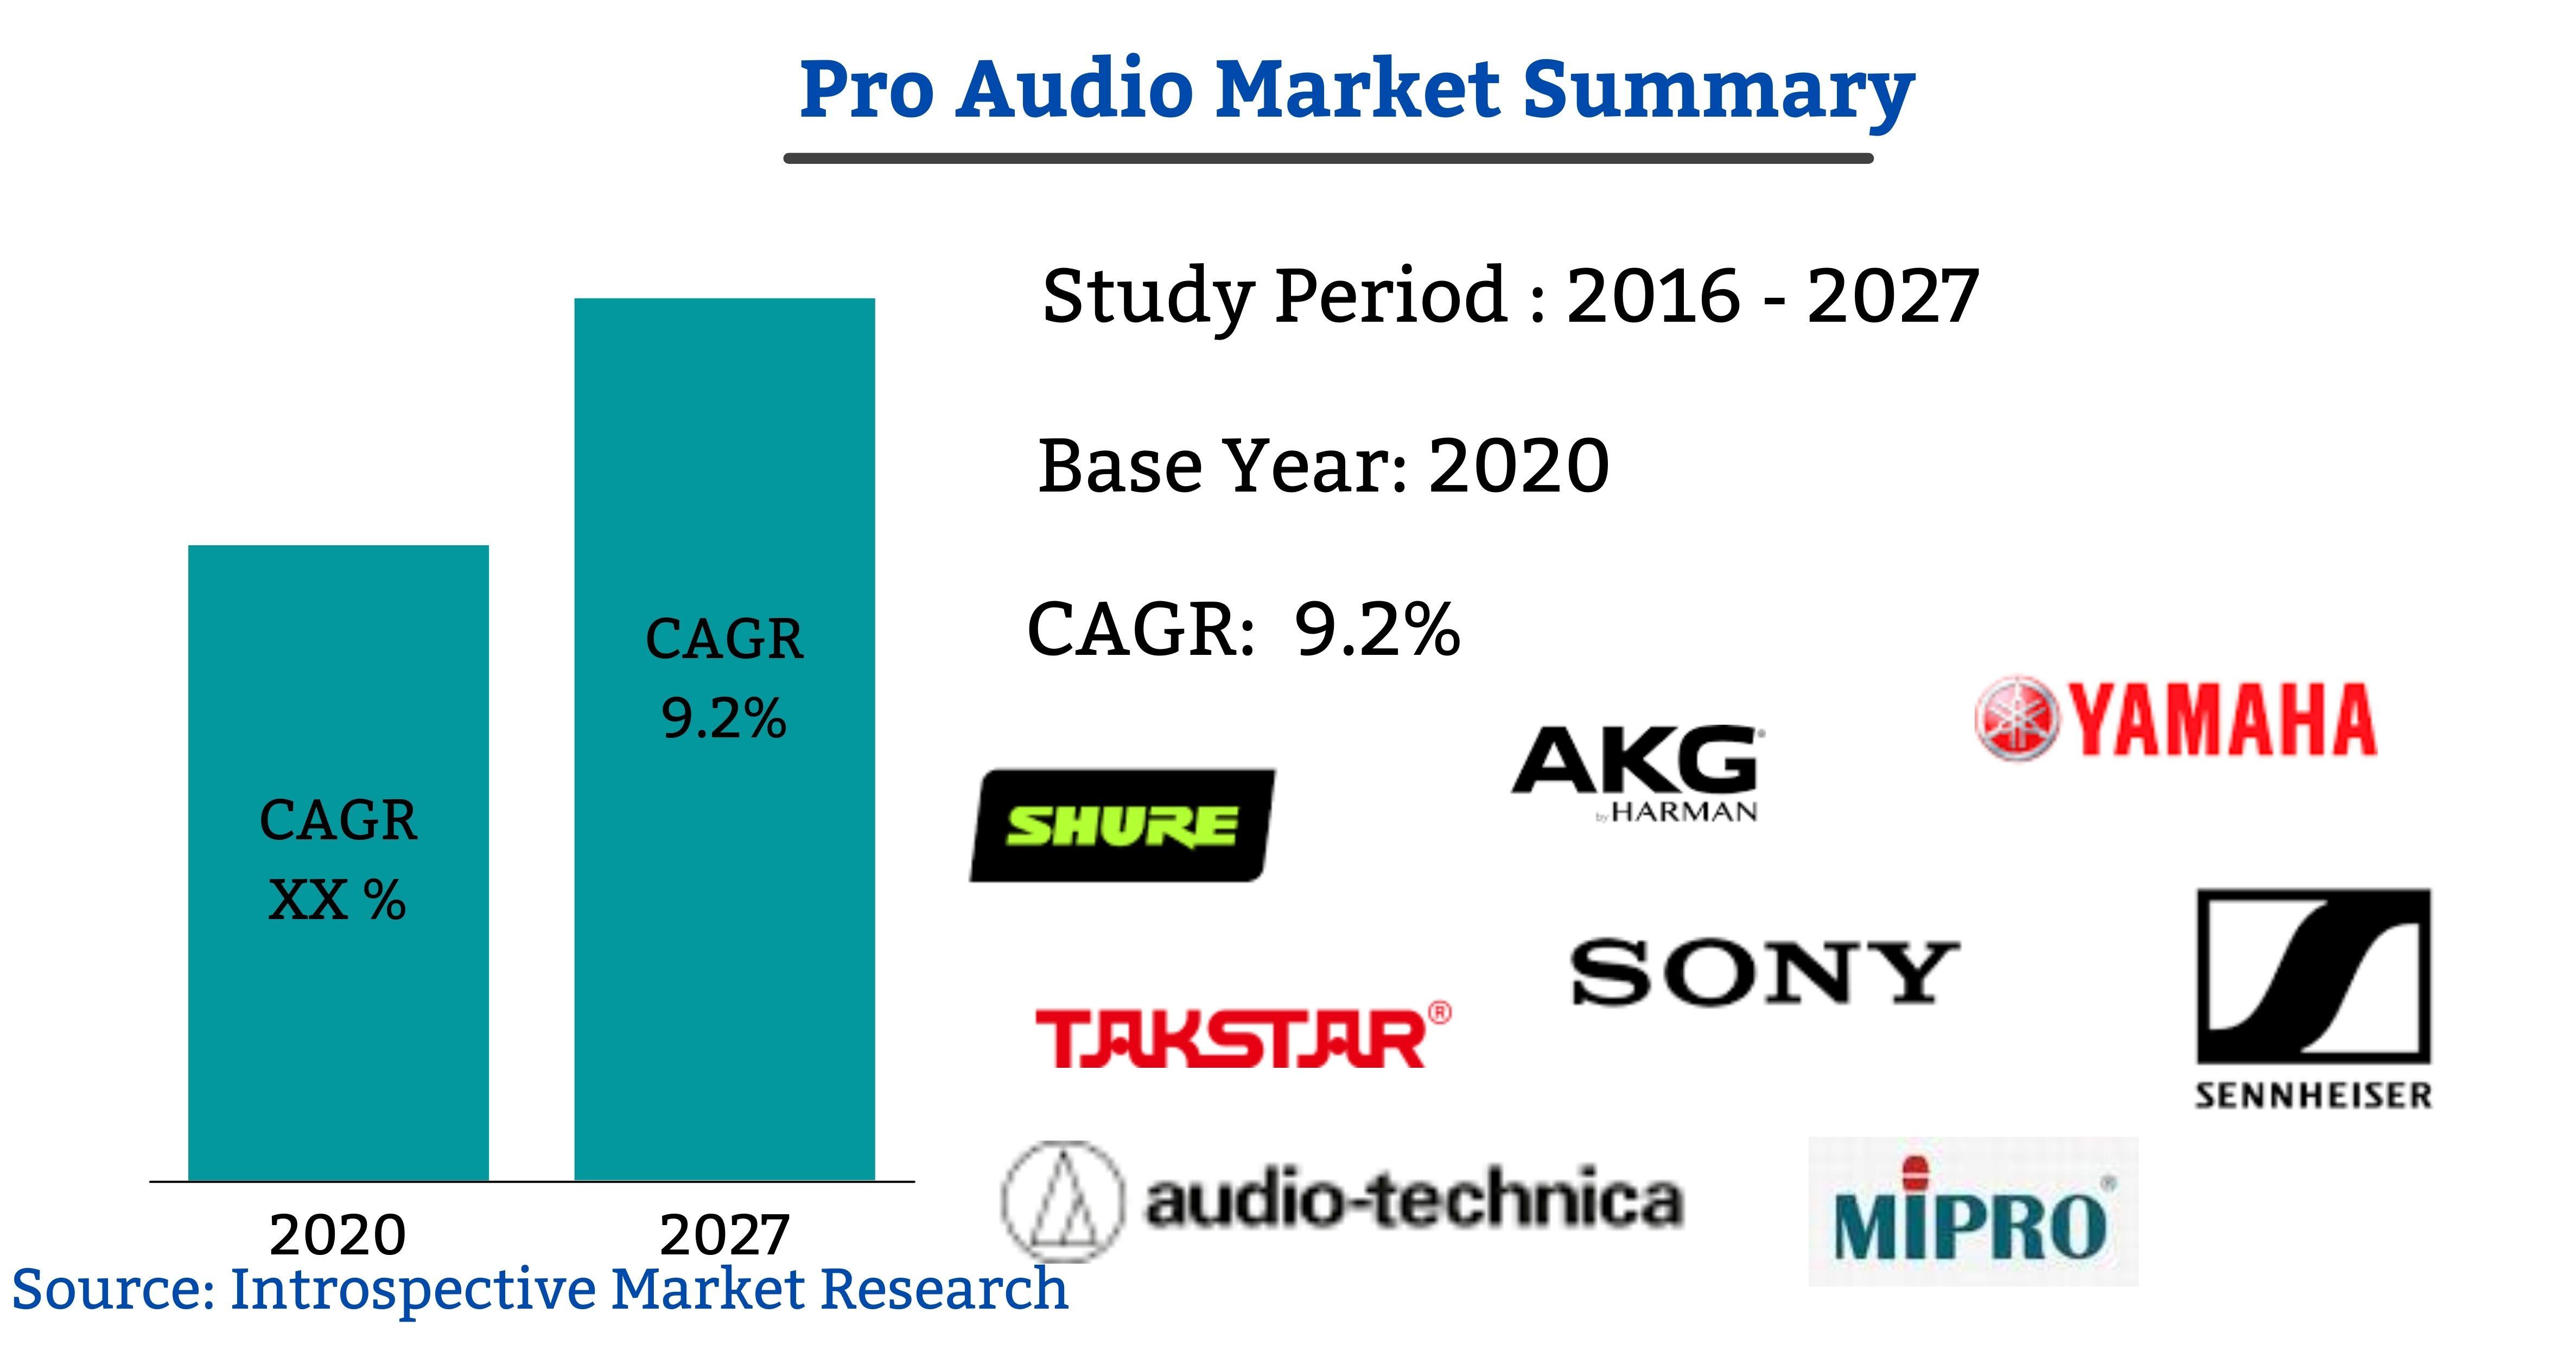 Pro Audio Market